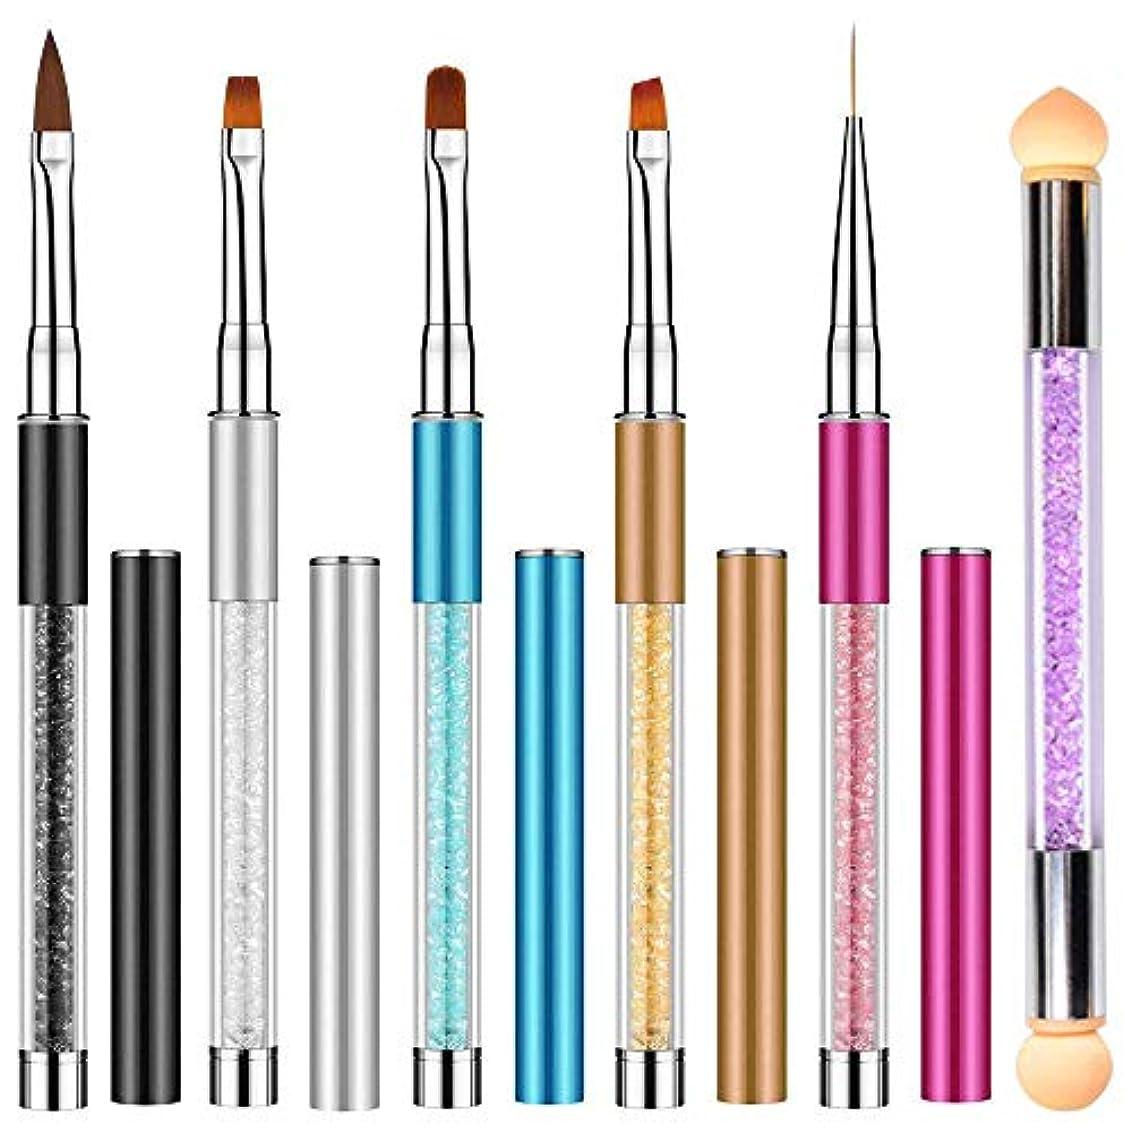 役に立つ浸透する過敏なNO.1 Direct 高品質 ネイルブラシ, ネイルアート筆 ジェルネイルペン フレンチ 平筆 ネイルペン アクリル 画筆 UV用 ネイルツール ネイル用品 キャップ付き 6本セット